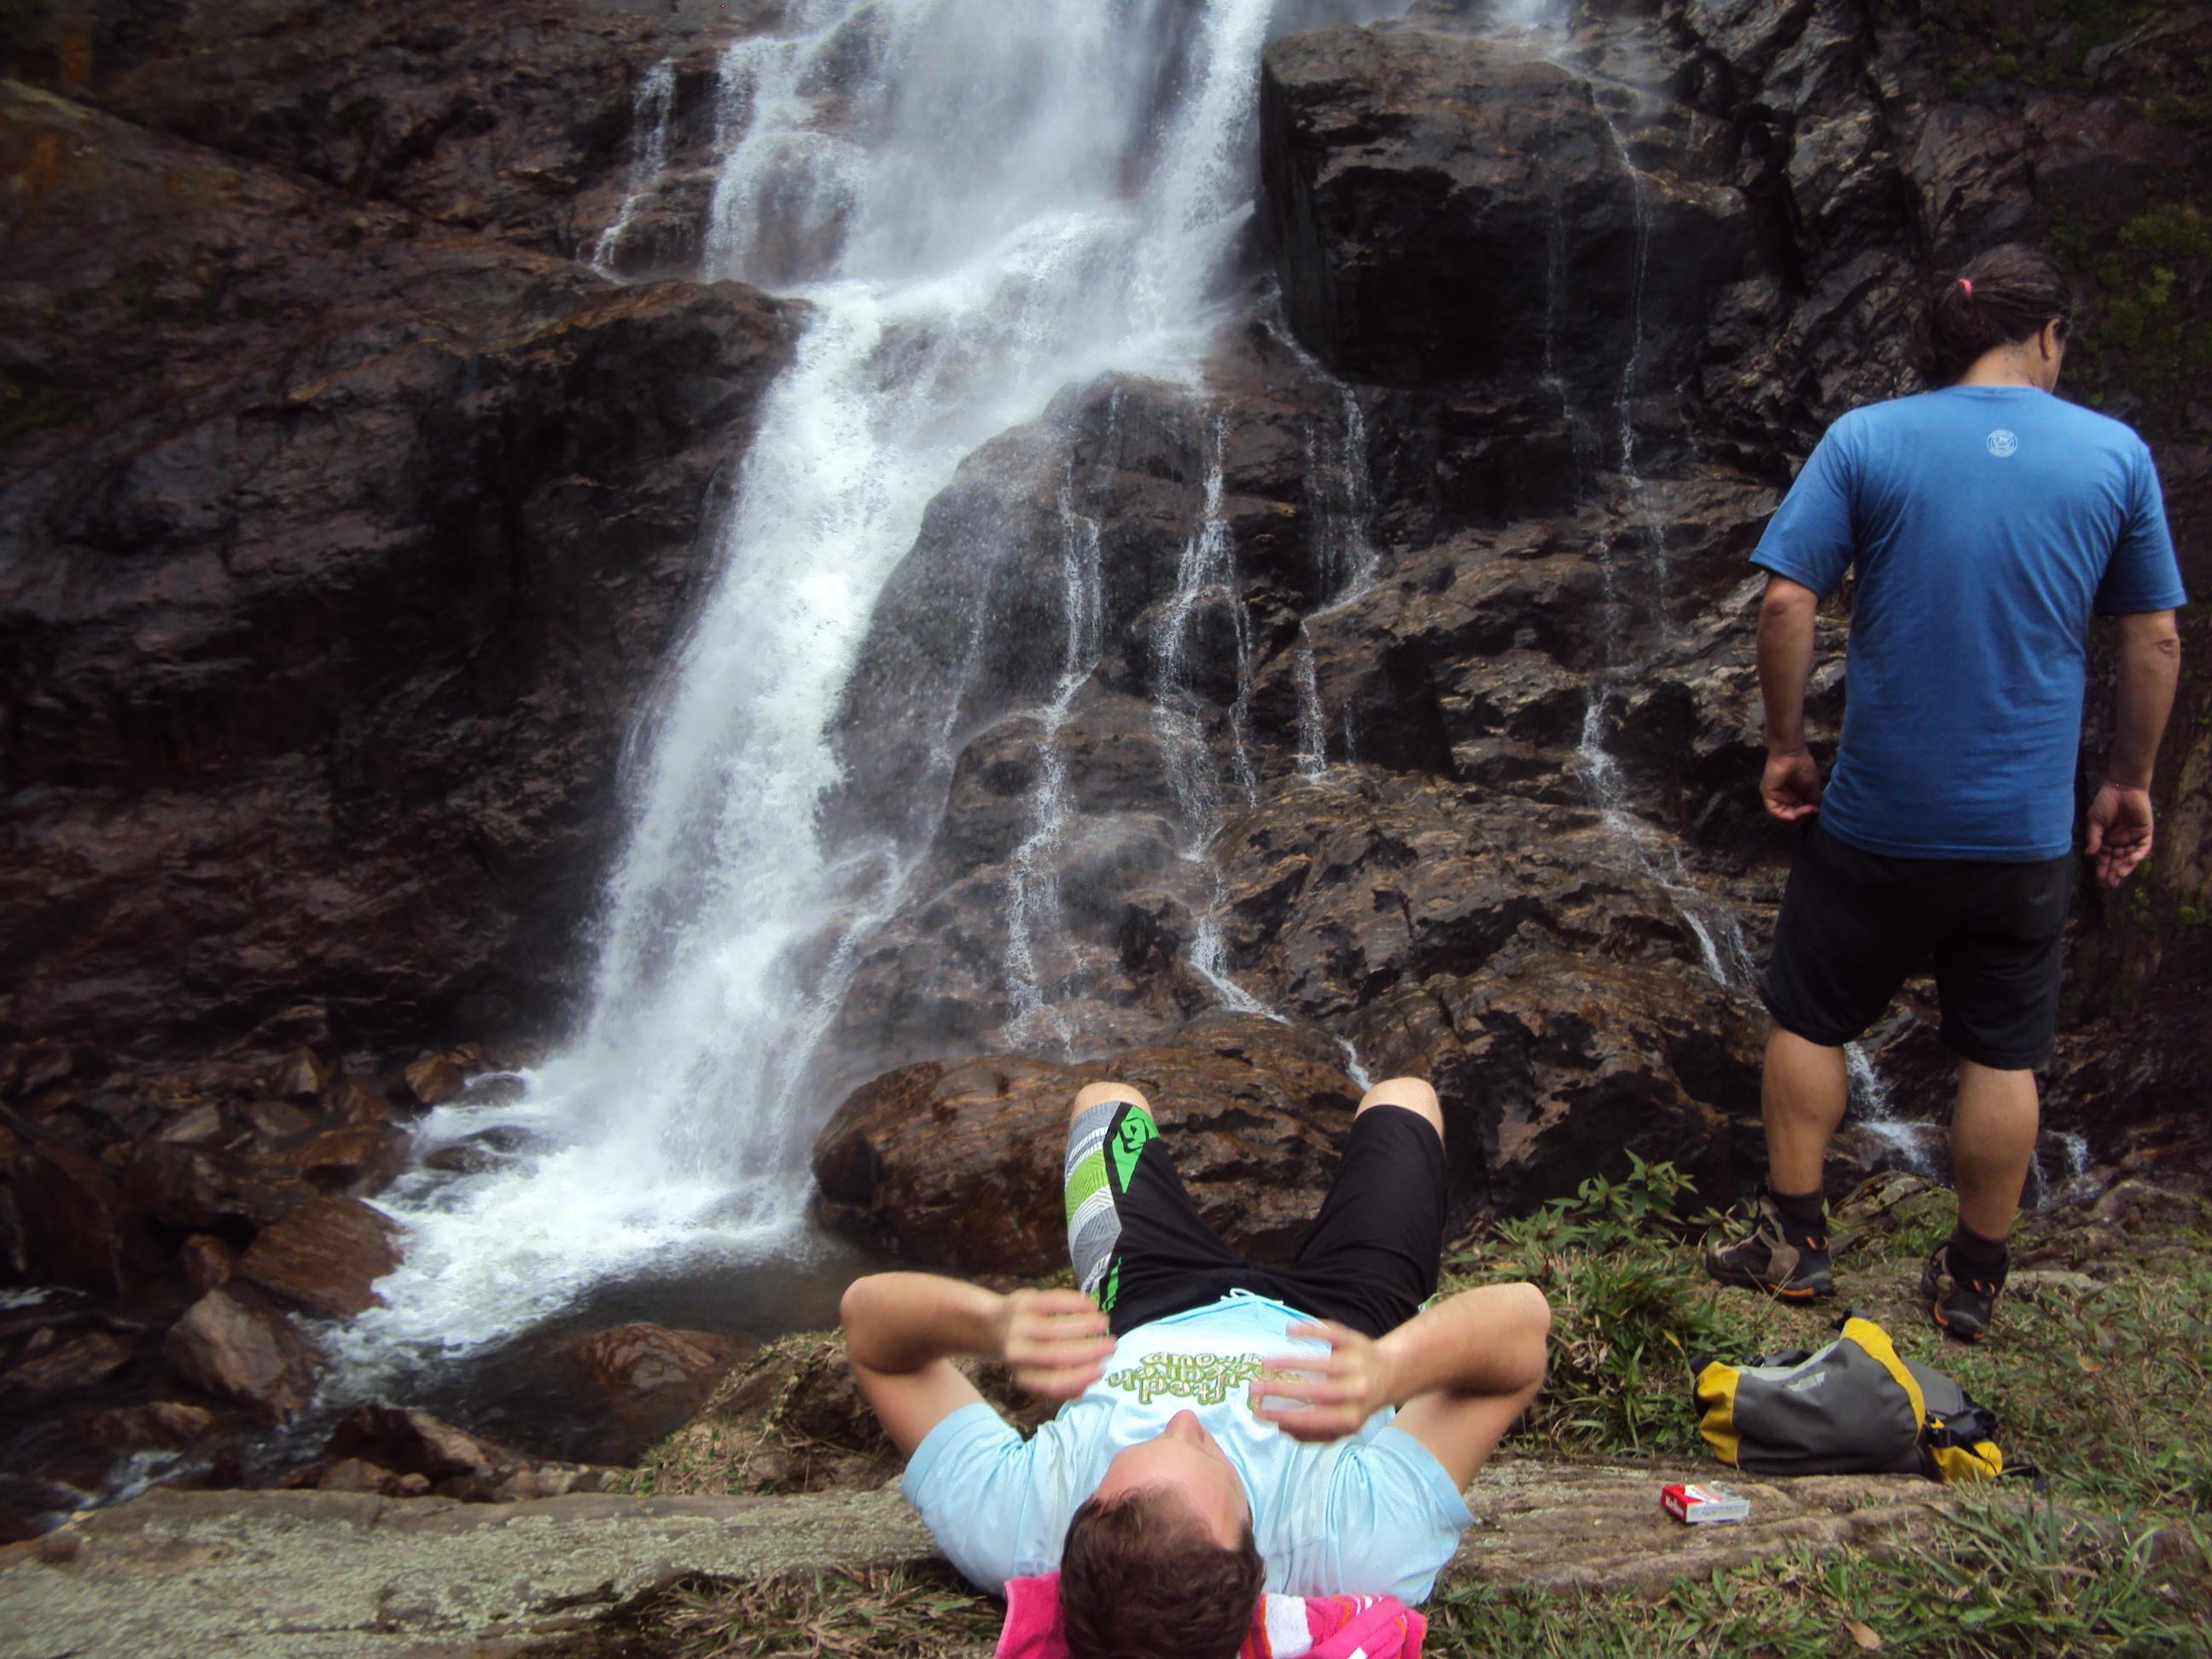 Vale das cachoeiras novembro 2014 051.jpg